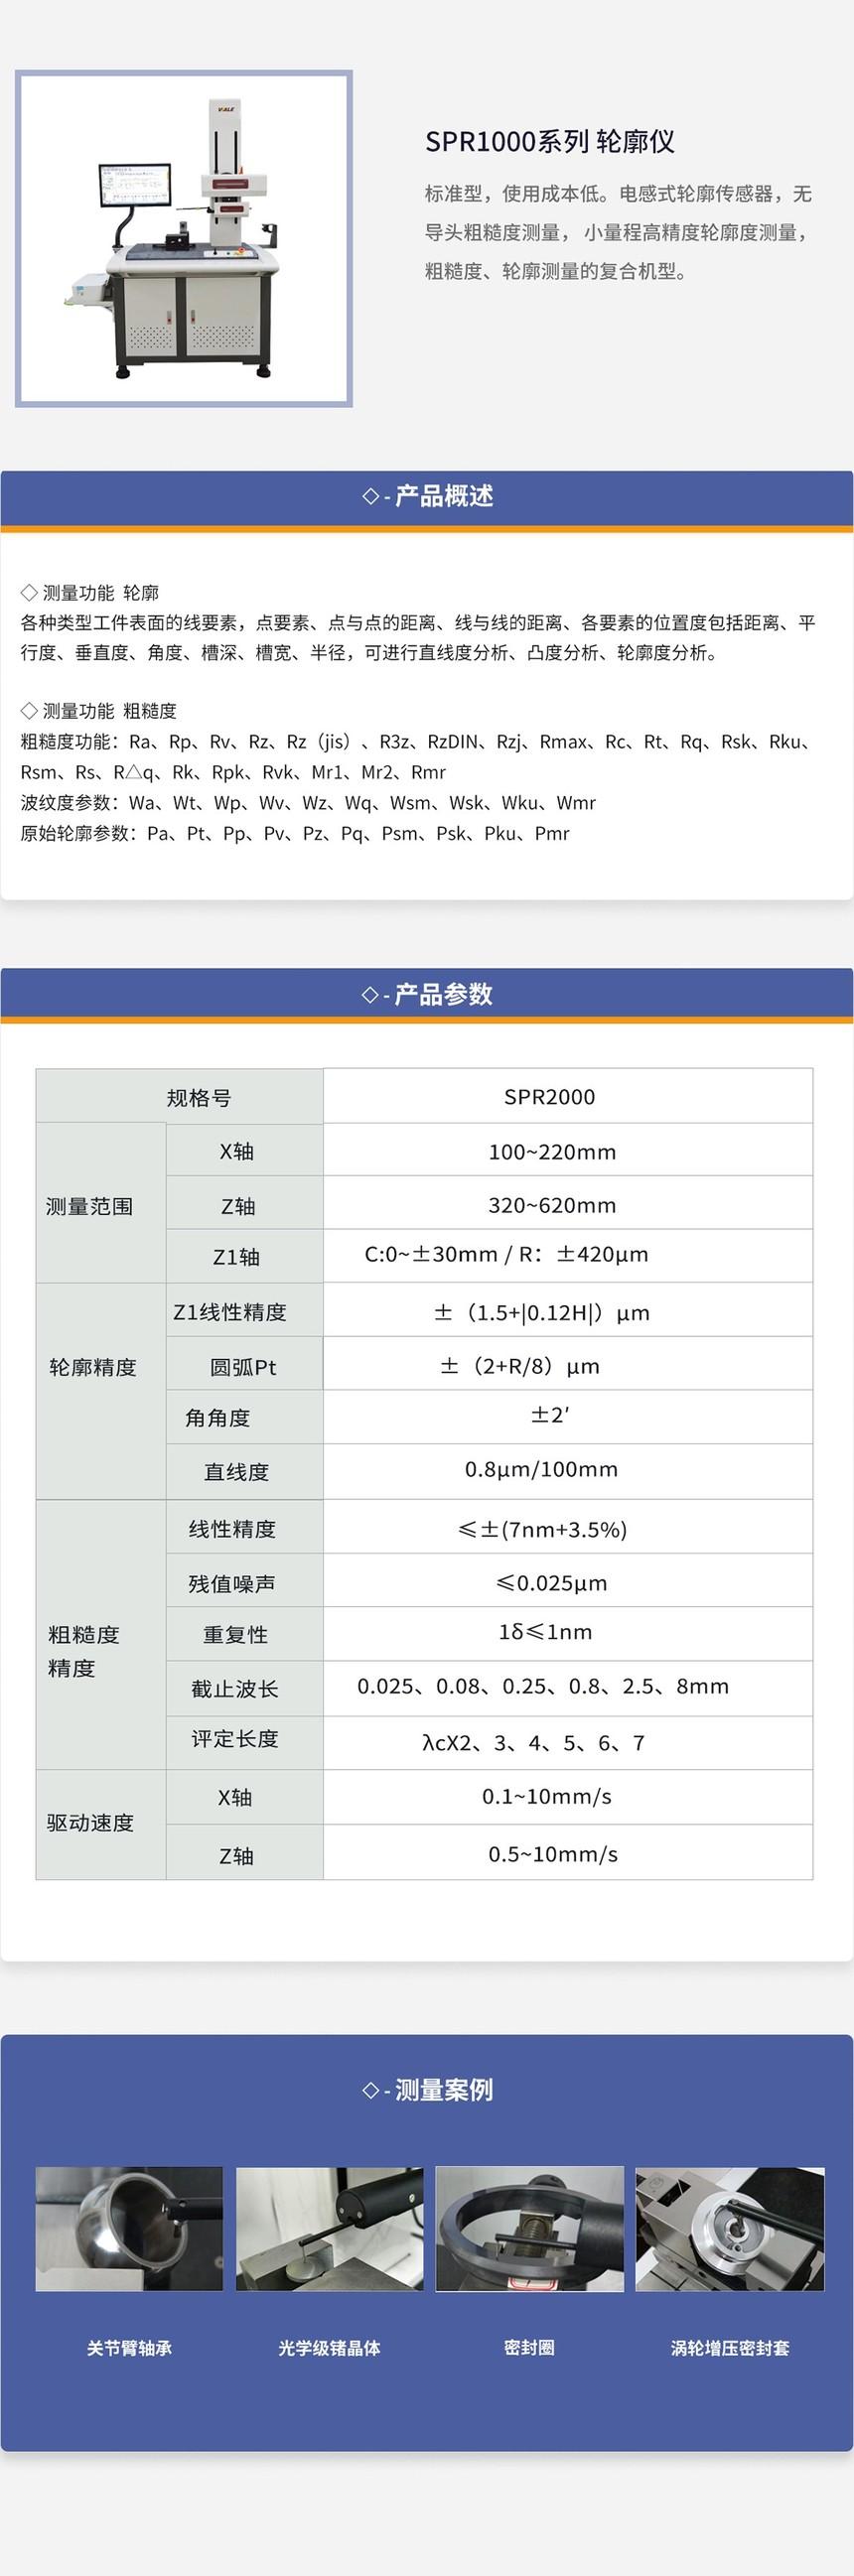 产品中心-SPR1000轮廓仪_02.jpg